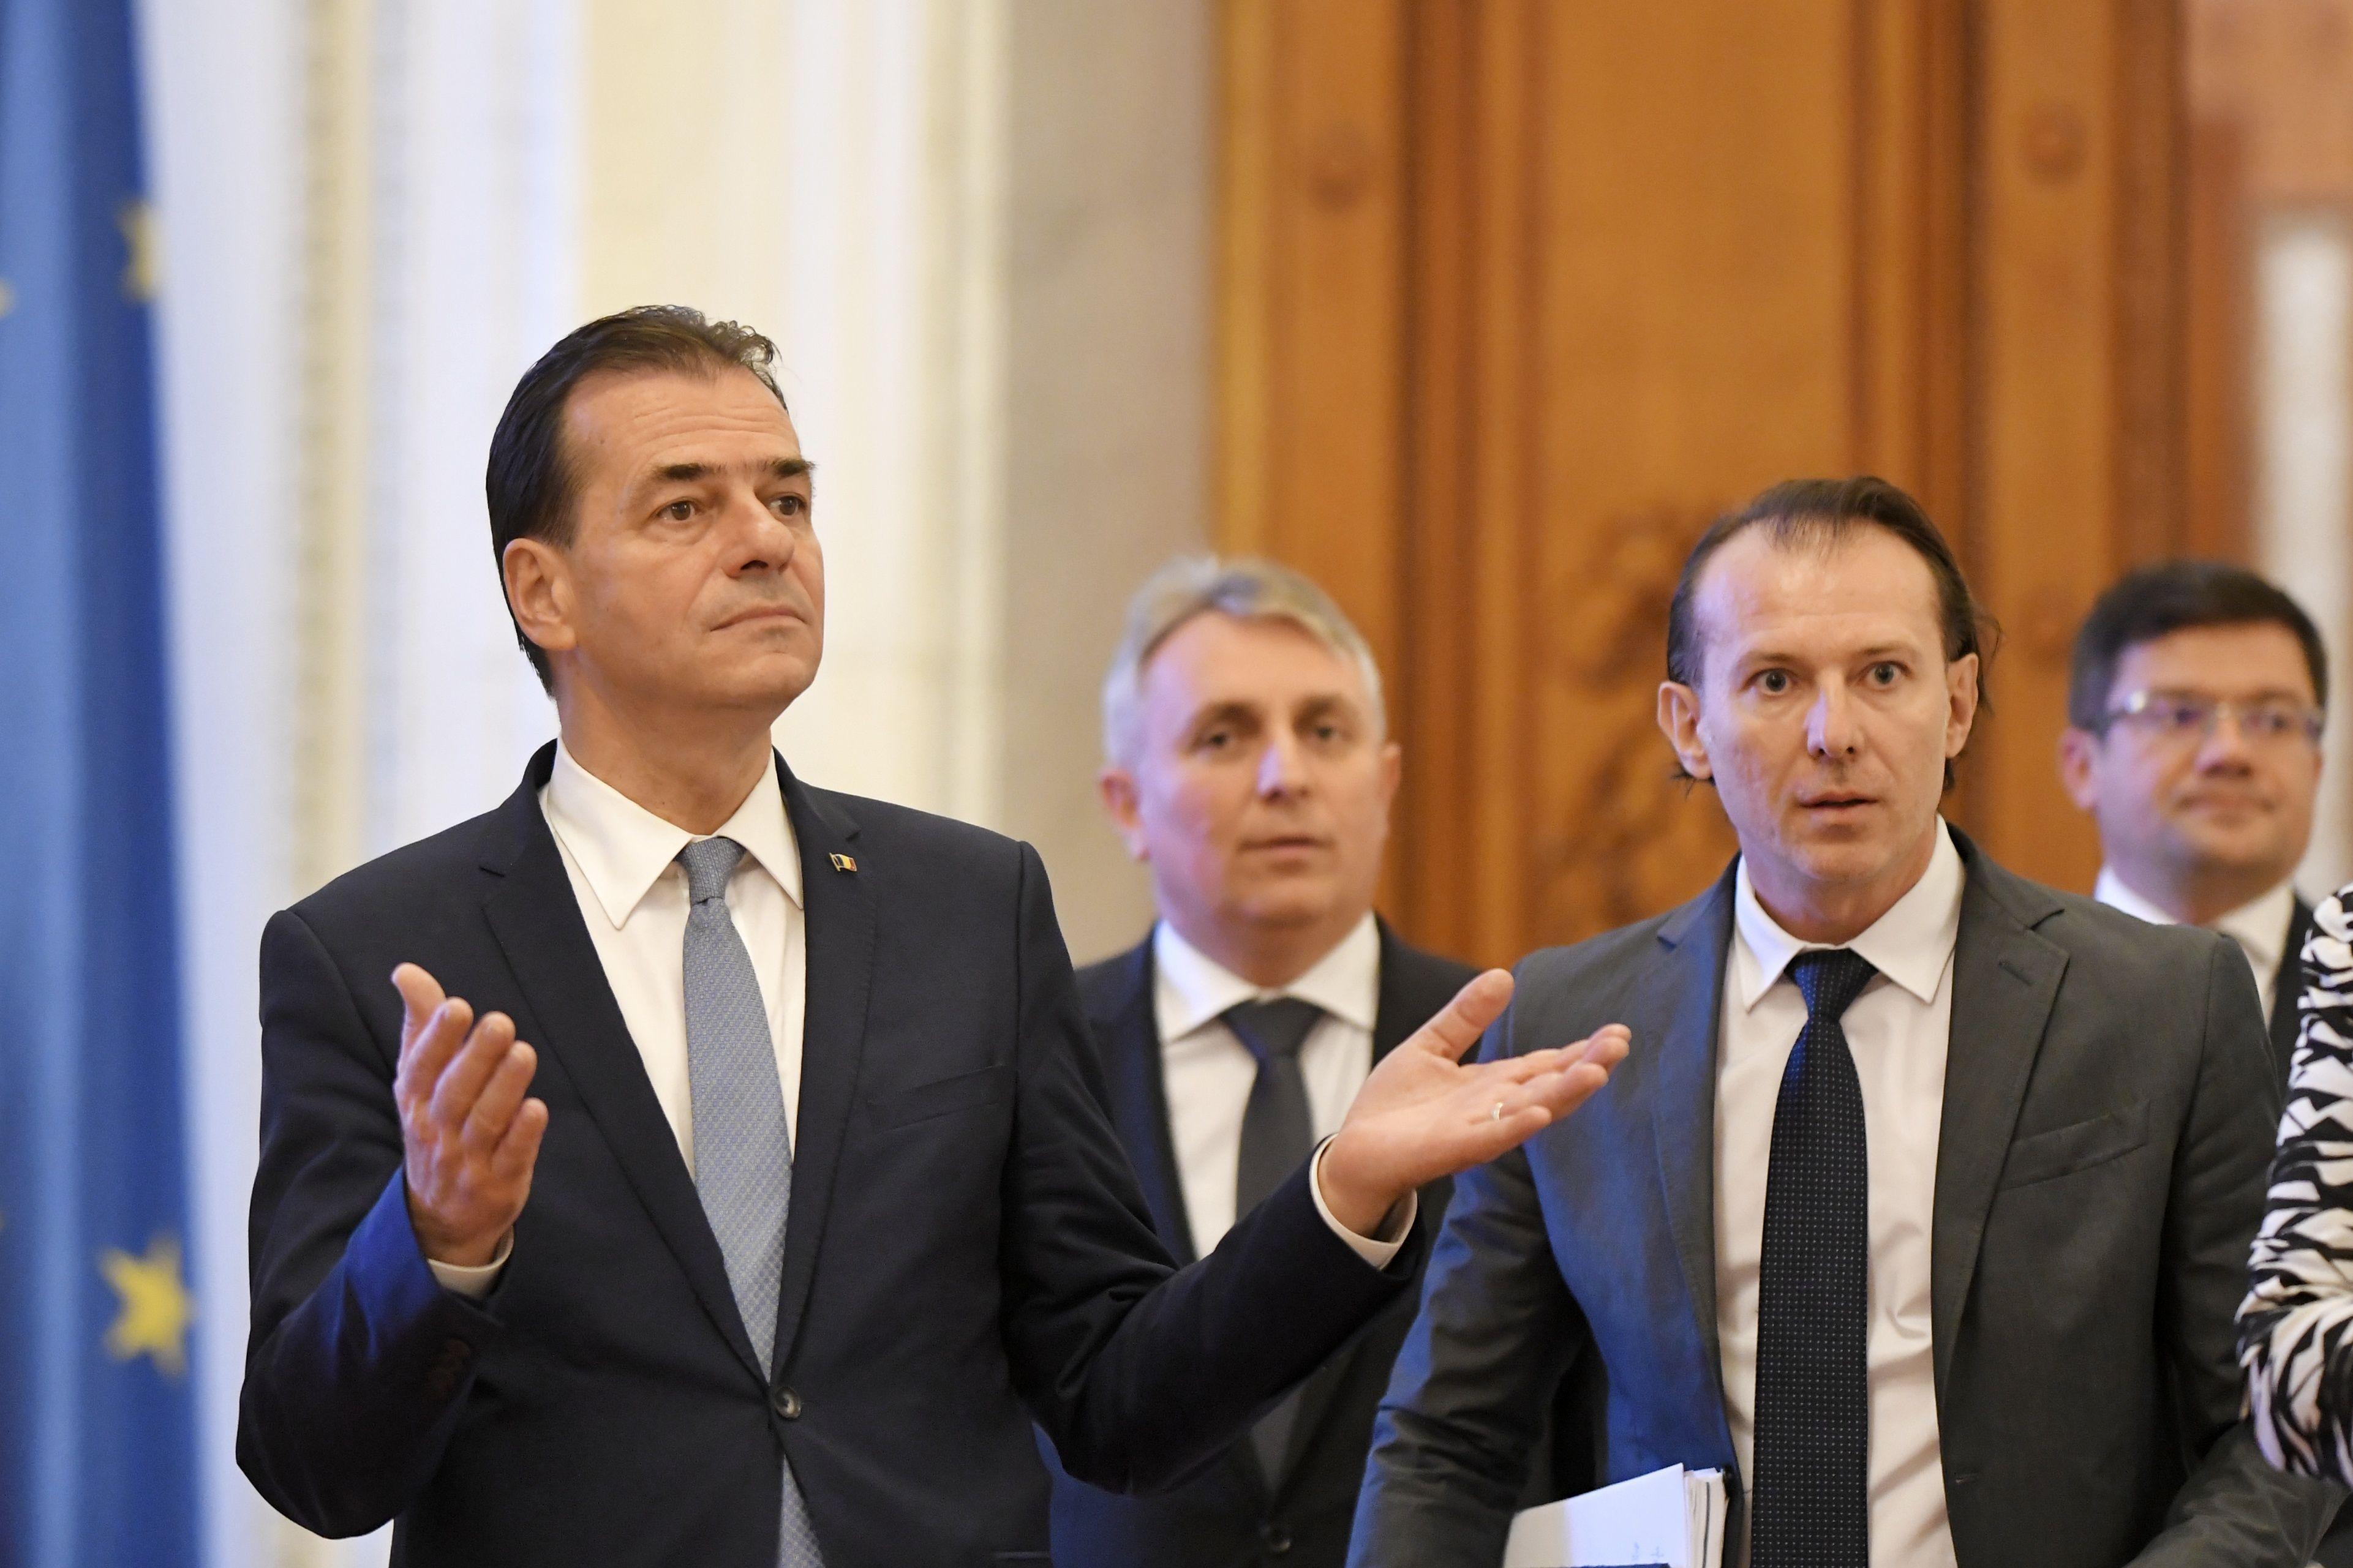 Ce a spus Mircea Badea, despre noul Guvern. 3 lucruri care se vor întâmpla, după ce a fost învestit Guvernul Orban